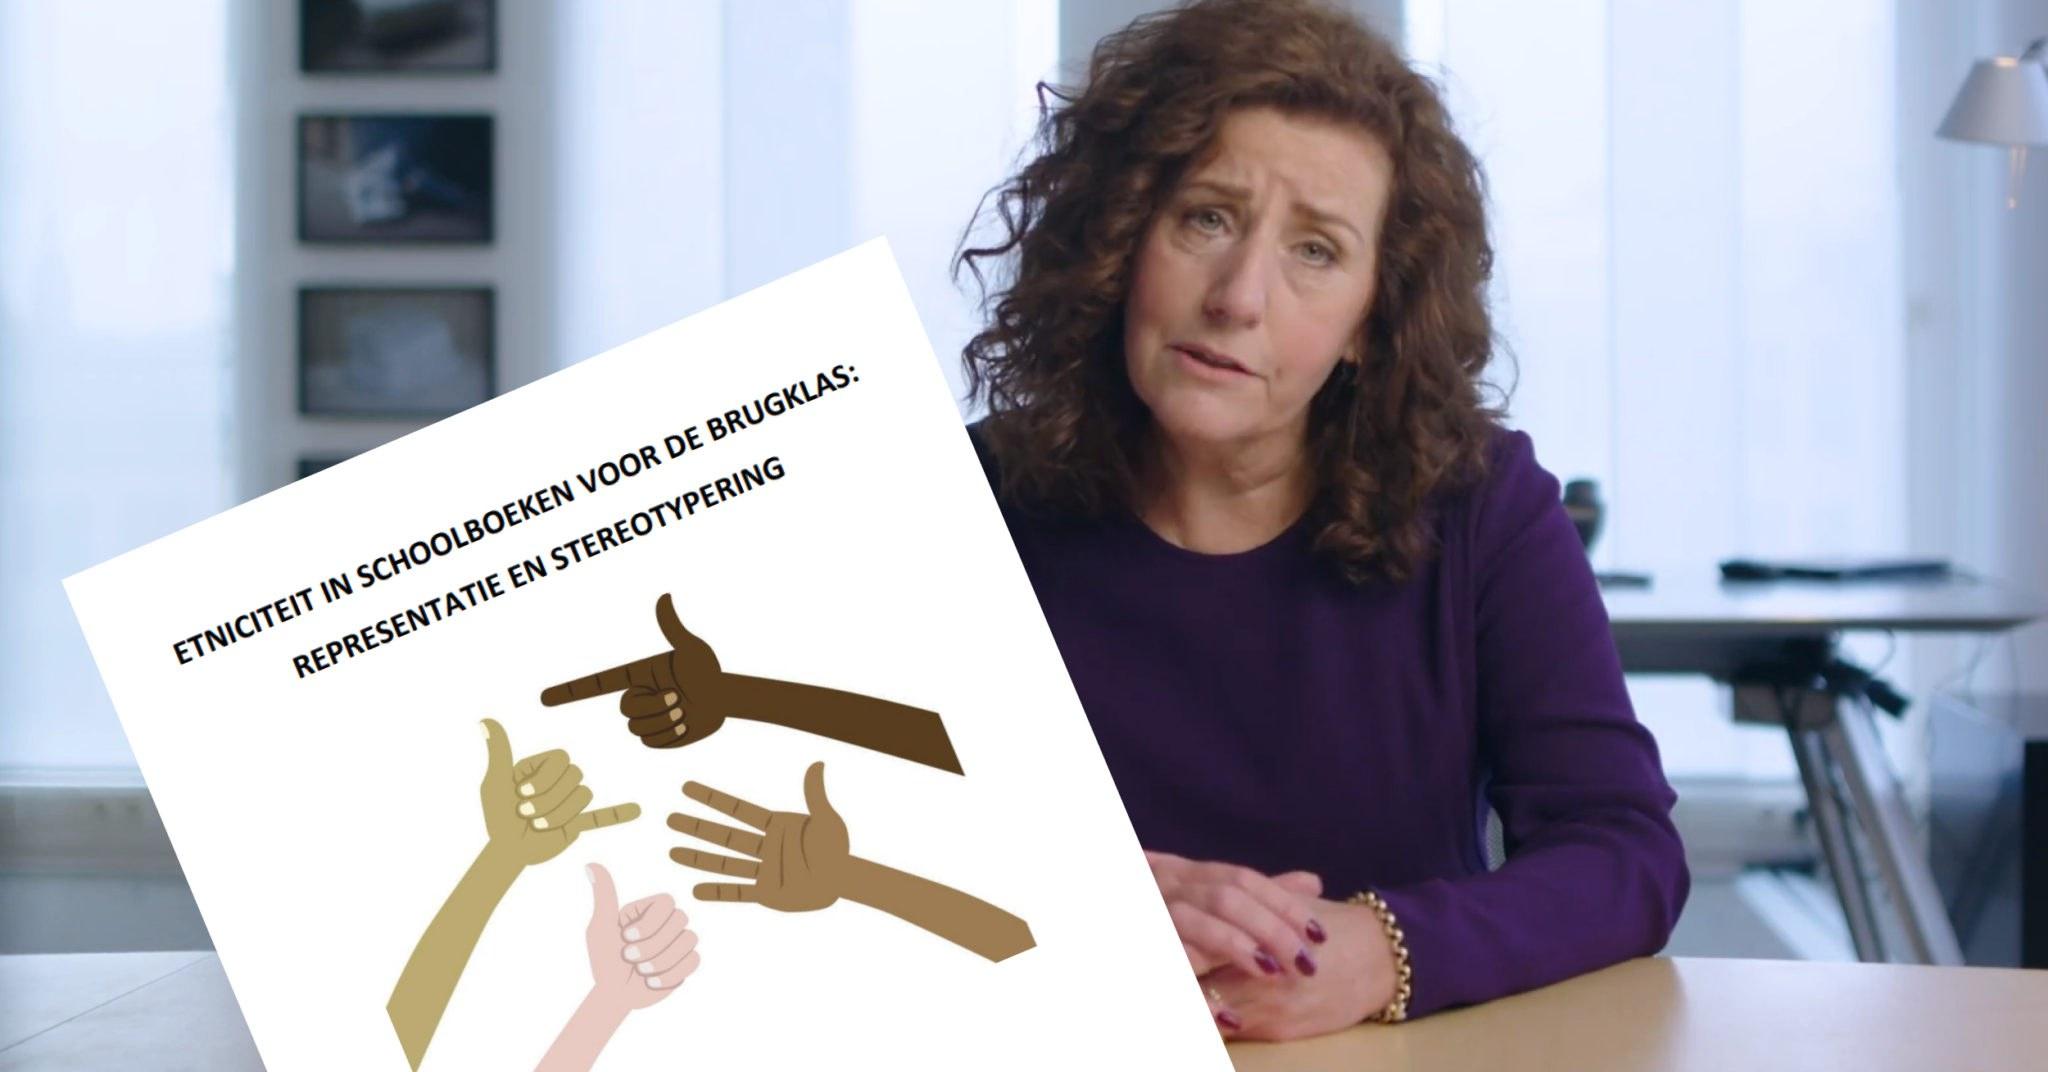 Betrapt: academisch rapport tegen 'stereotypering' in schoolboeken is besteld door D66-minister Van Engelshoven